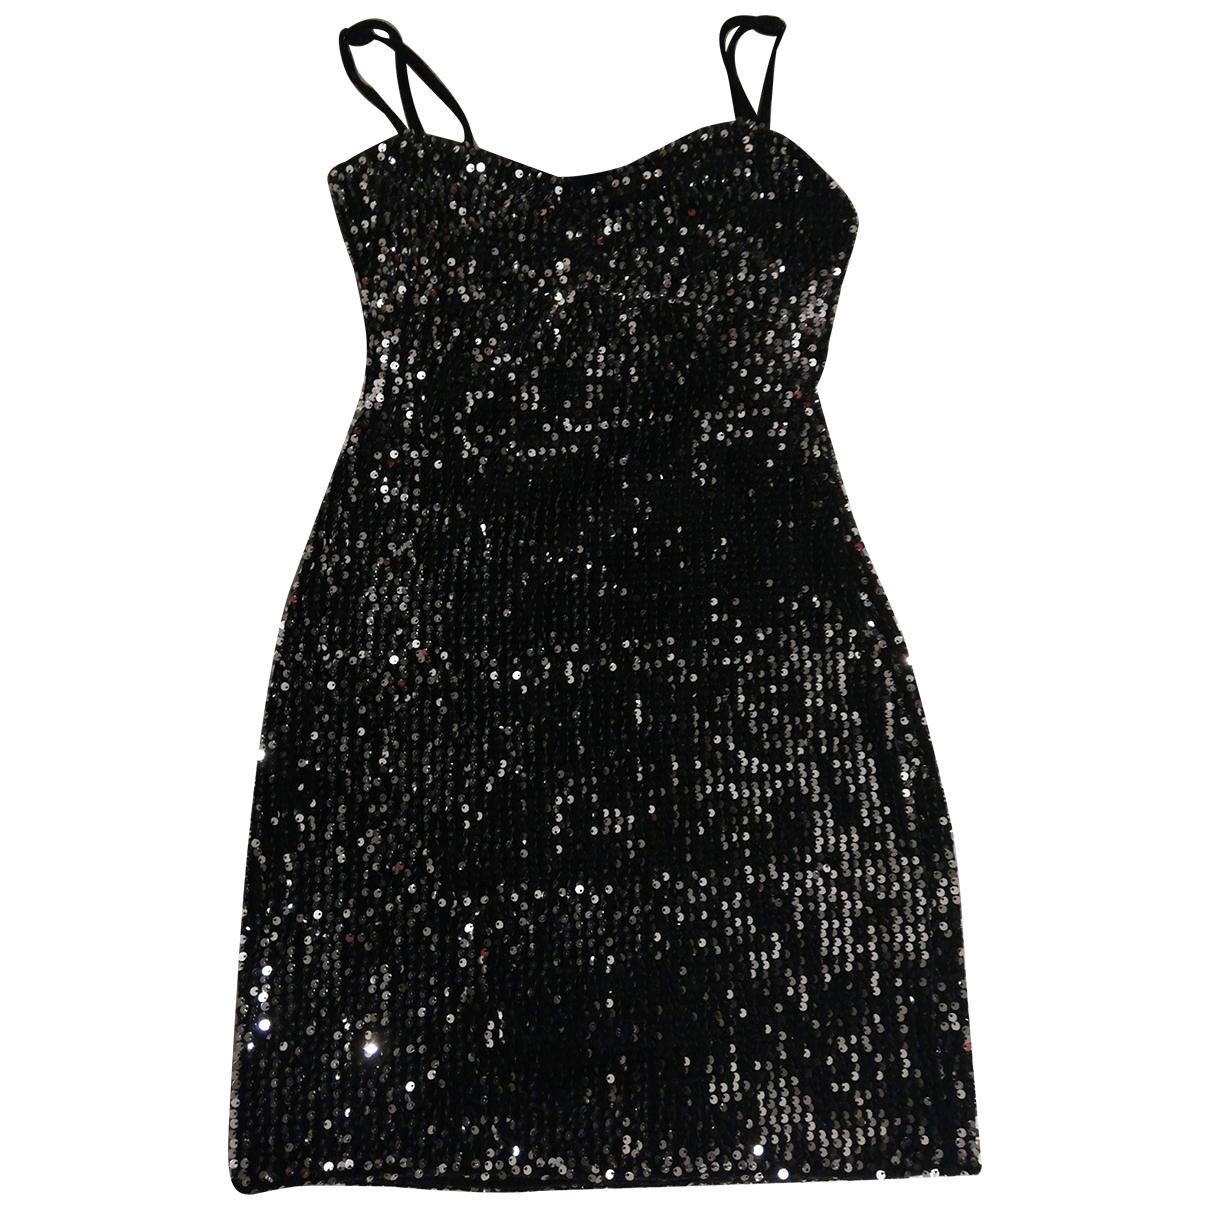 Zara \N Kleid in  Schwarz Mit Pailletten